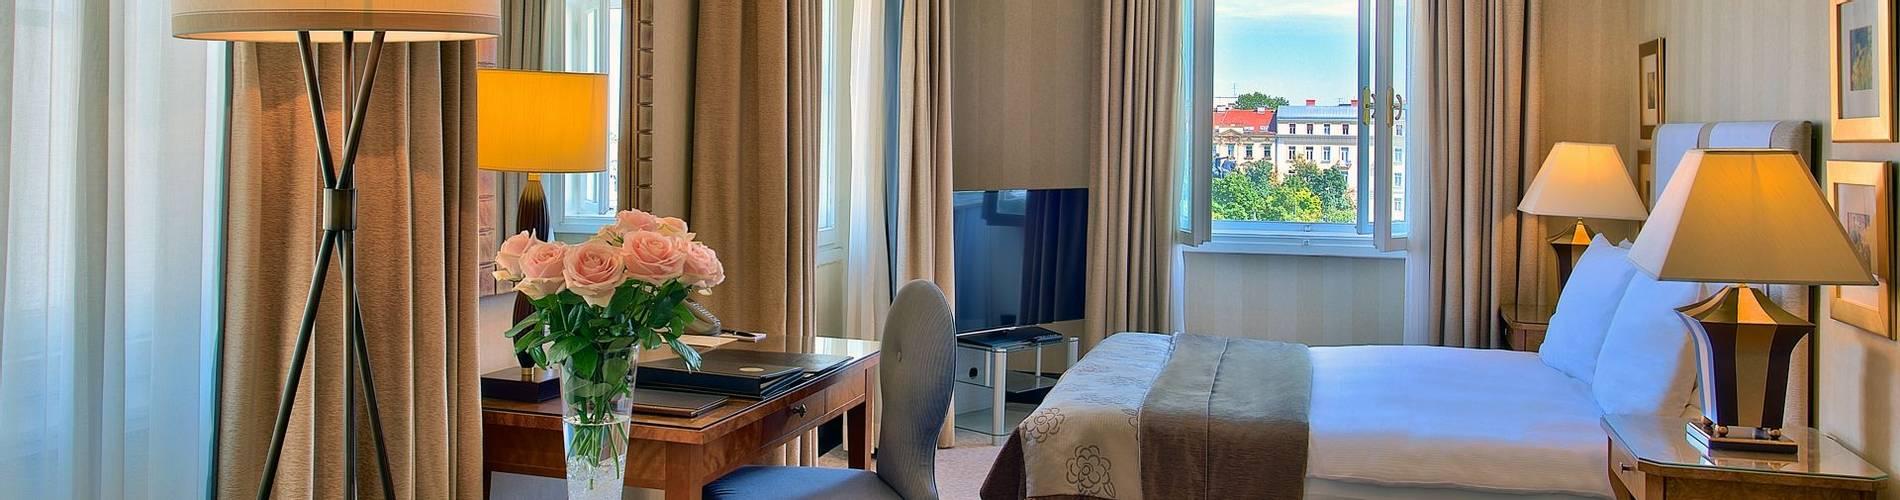 Rooms & Suites Hotel Esplanade